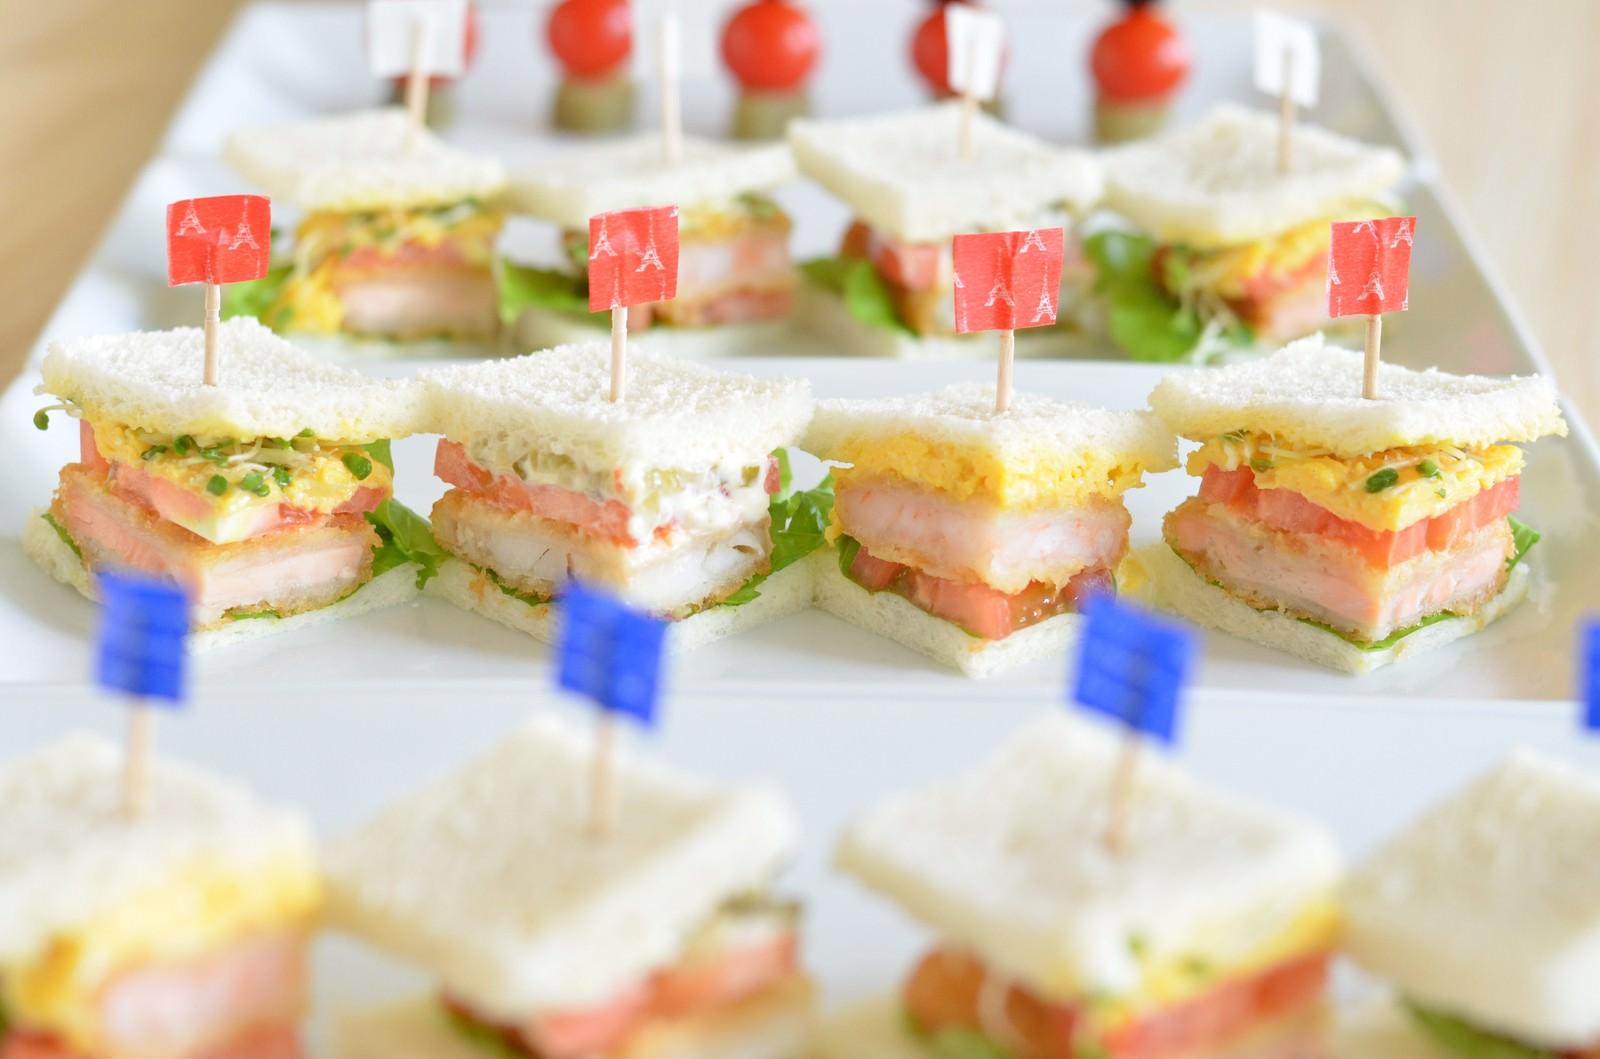 「パーティサンドイッチ」の写真